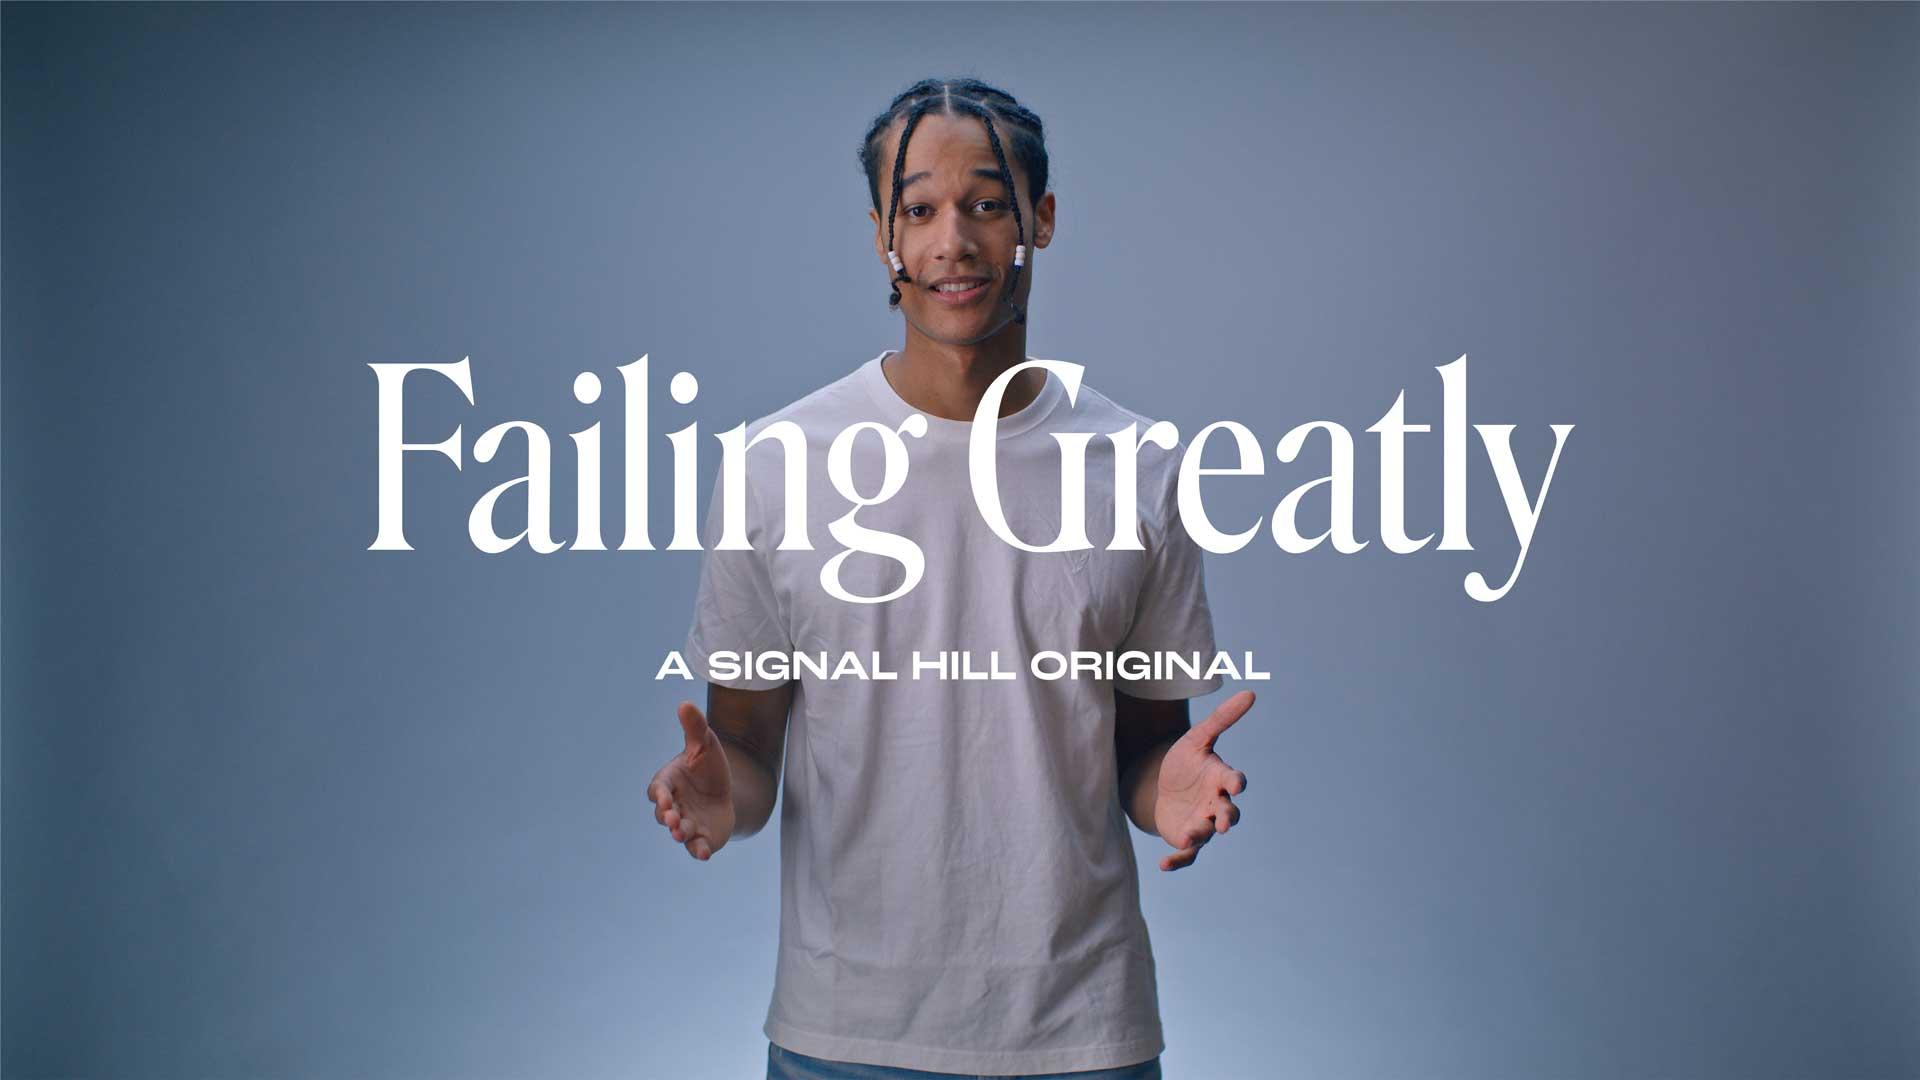 FailingGreatly_Title